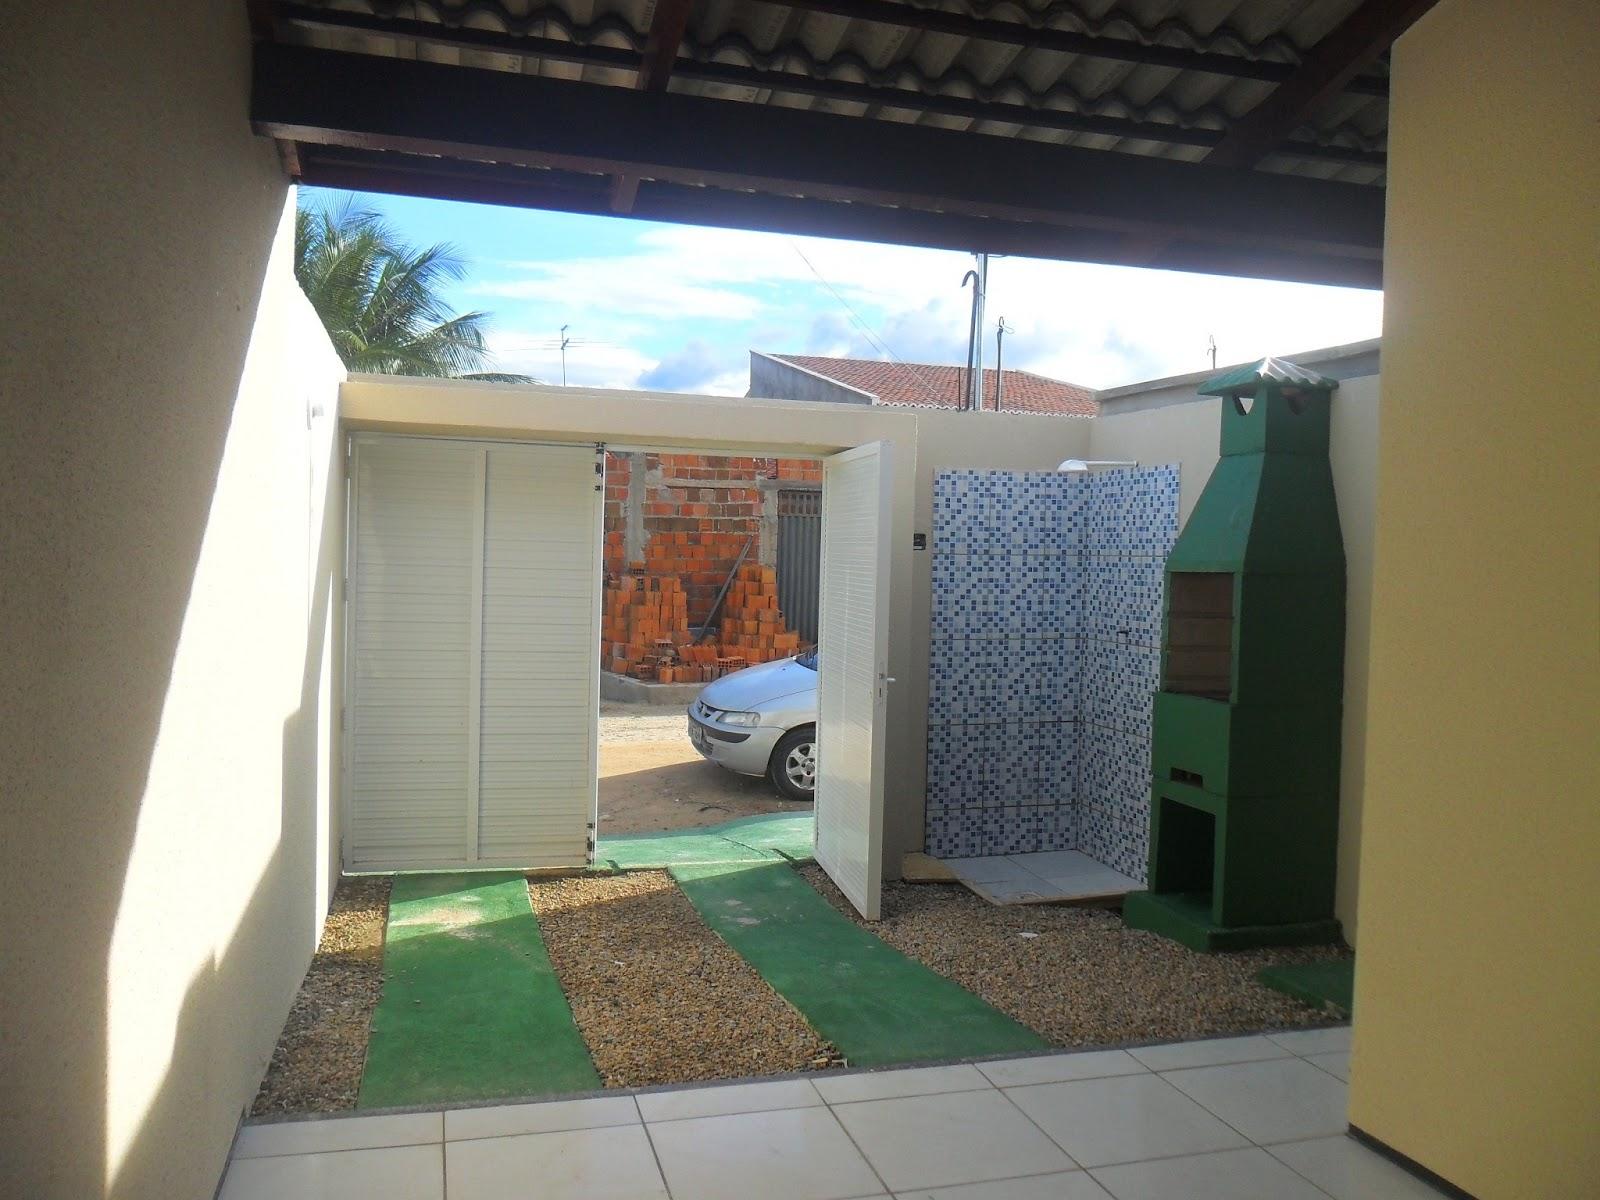 banheiro social sala e cozinha (estilo americano) 1 garagem área #43886C 1600x1200 Banheiro Americano